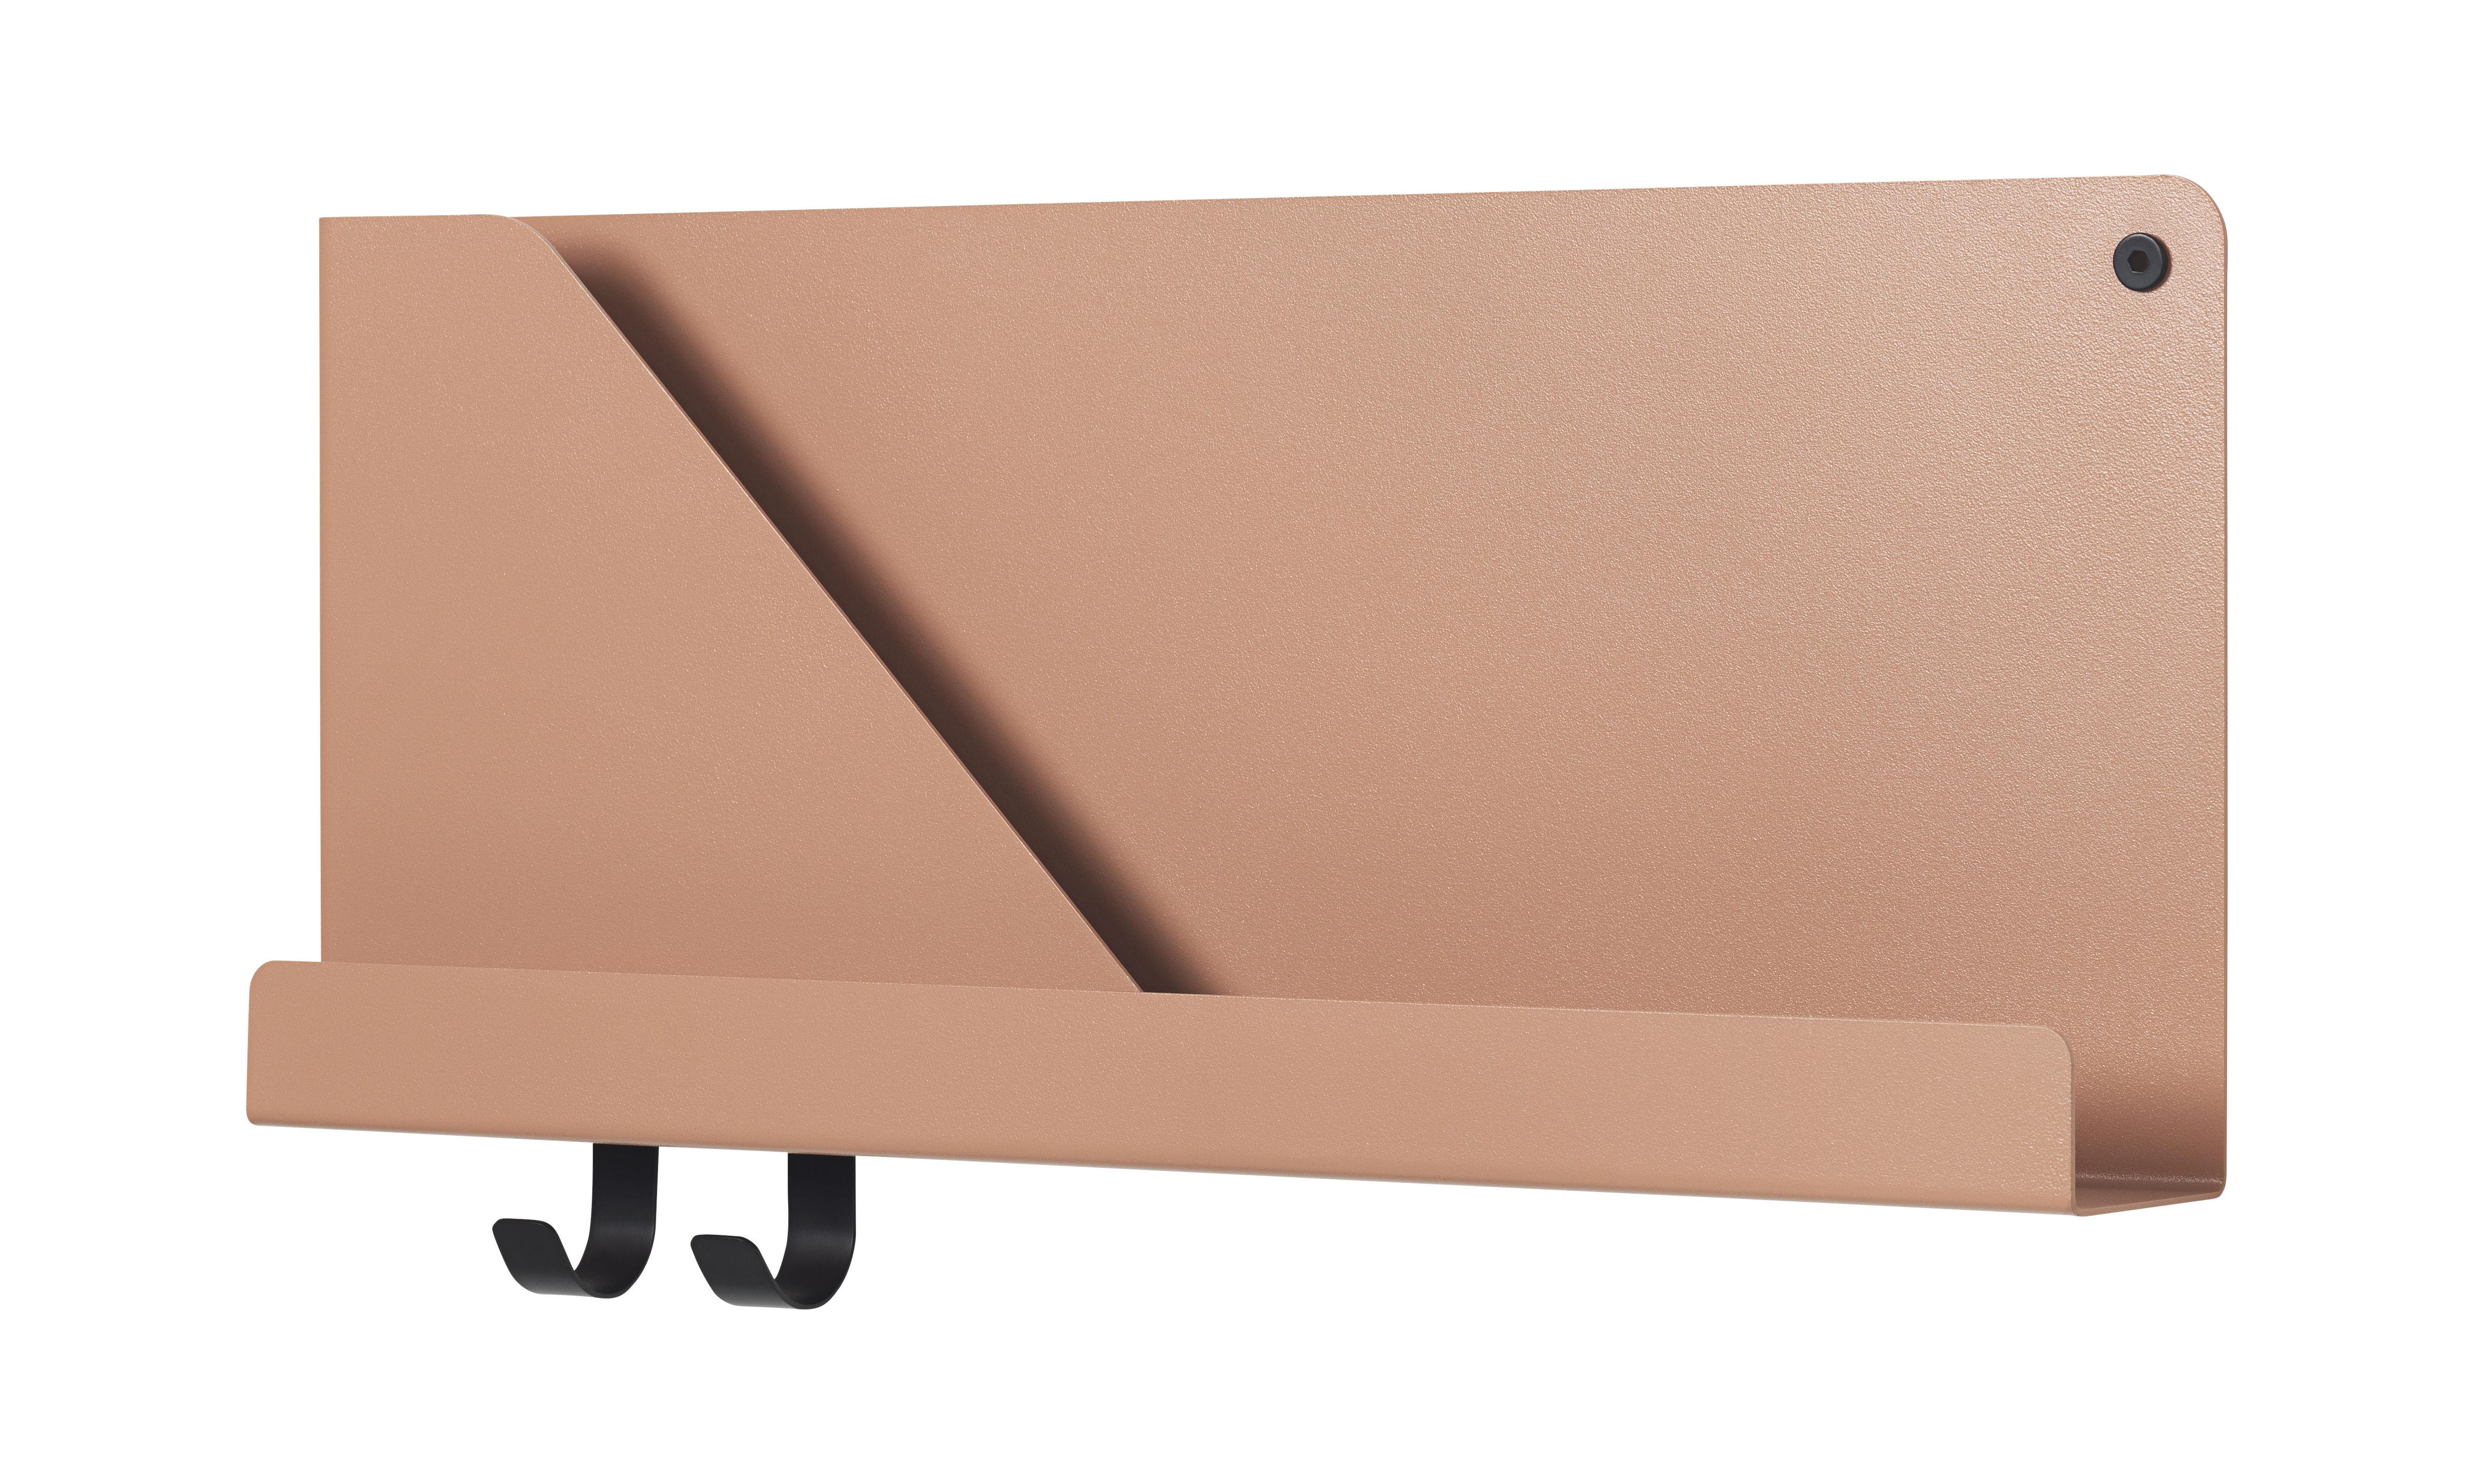 Mobilier - Etagères & bibliothèques - Etagère Folded Small / L 50 cm - Métal - 2 crochets + compartiment - Muuto - Terracotta clair - Acier laqué